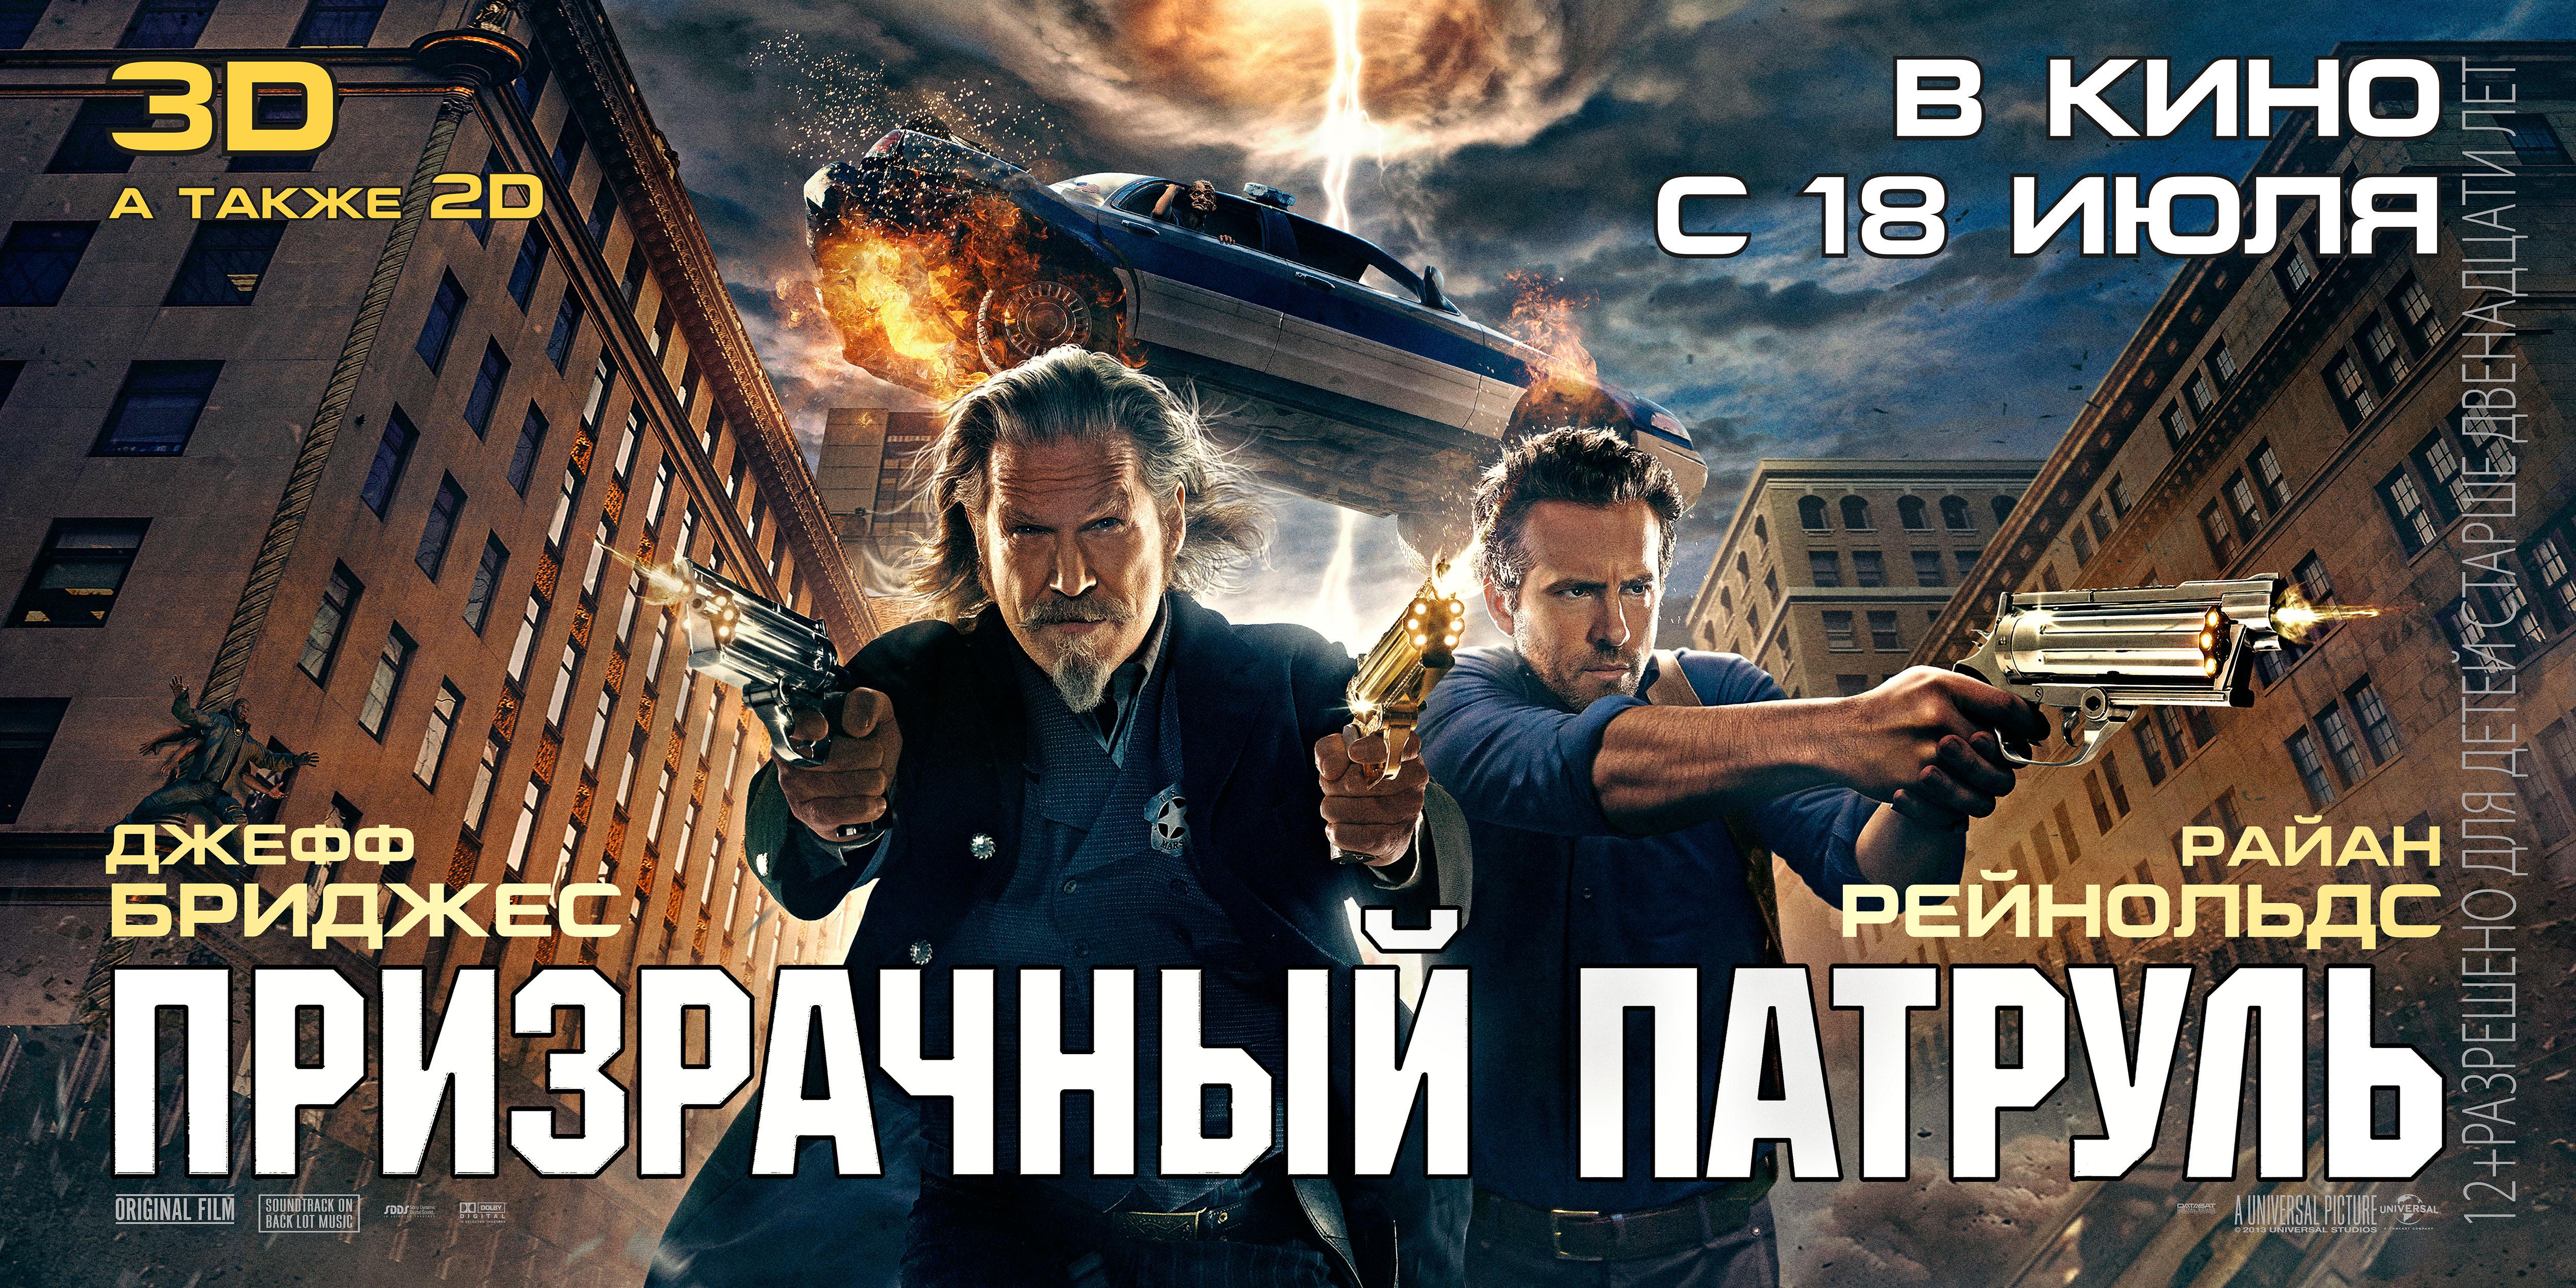 smotret-film-prizrachniy-patrul